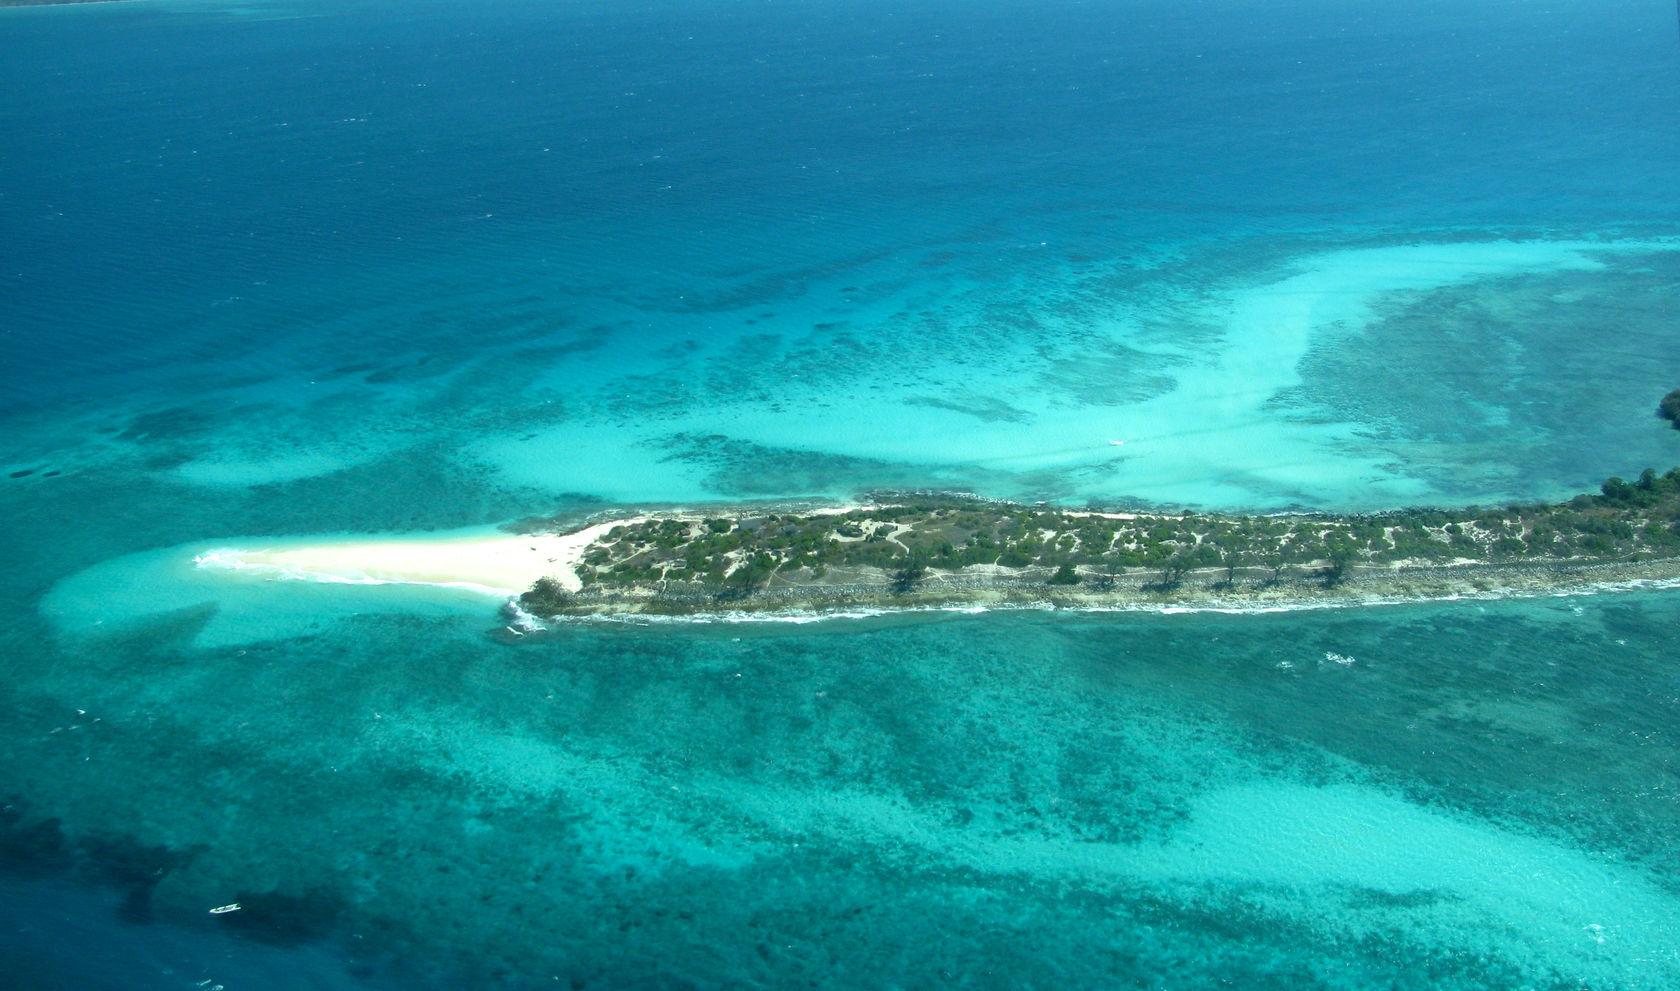 Quirimba i Mozambique består av flera underbara öar